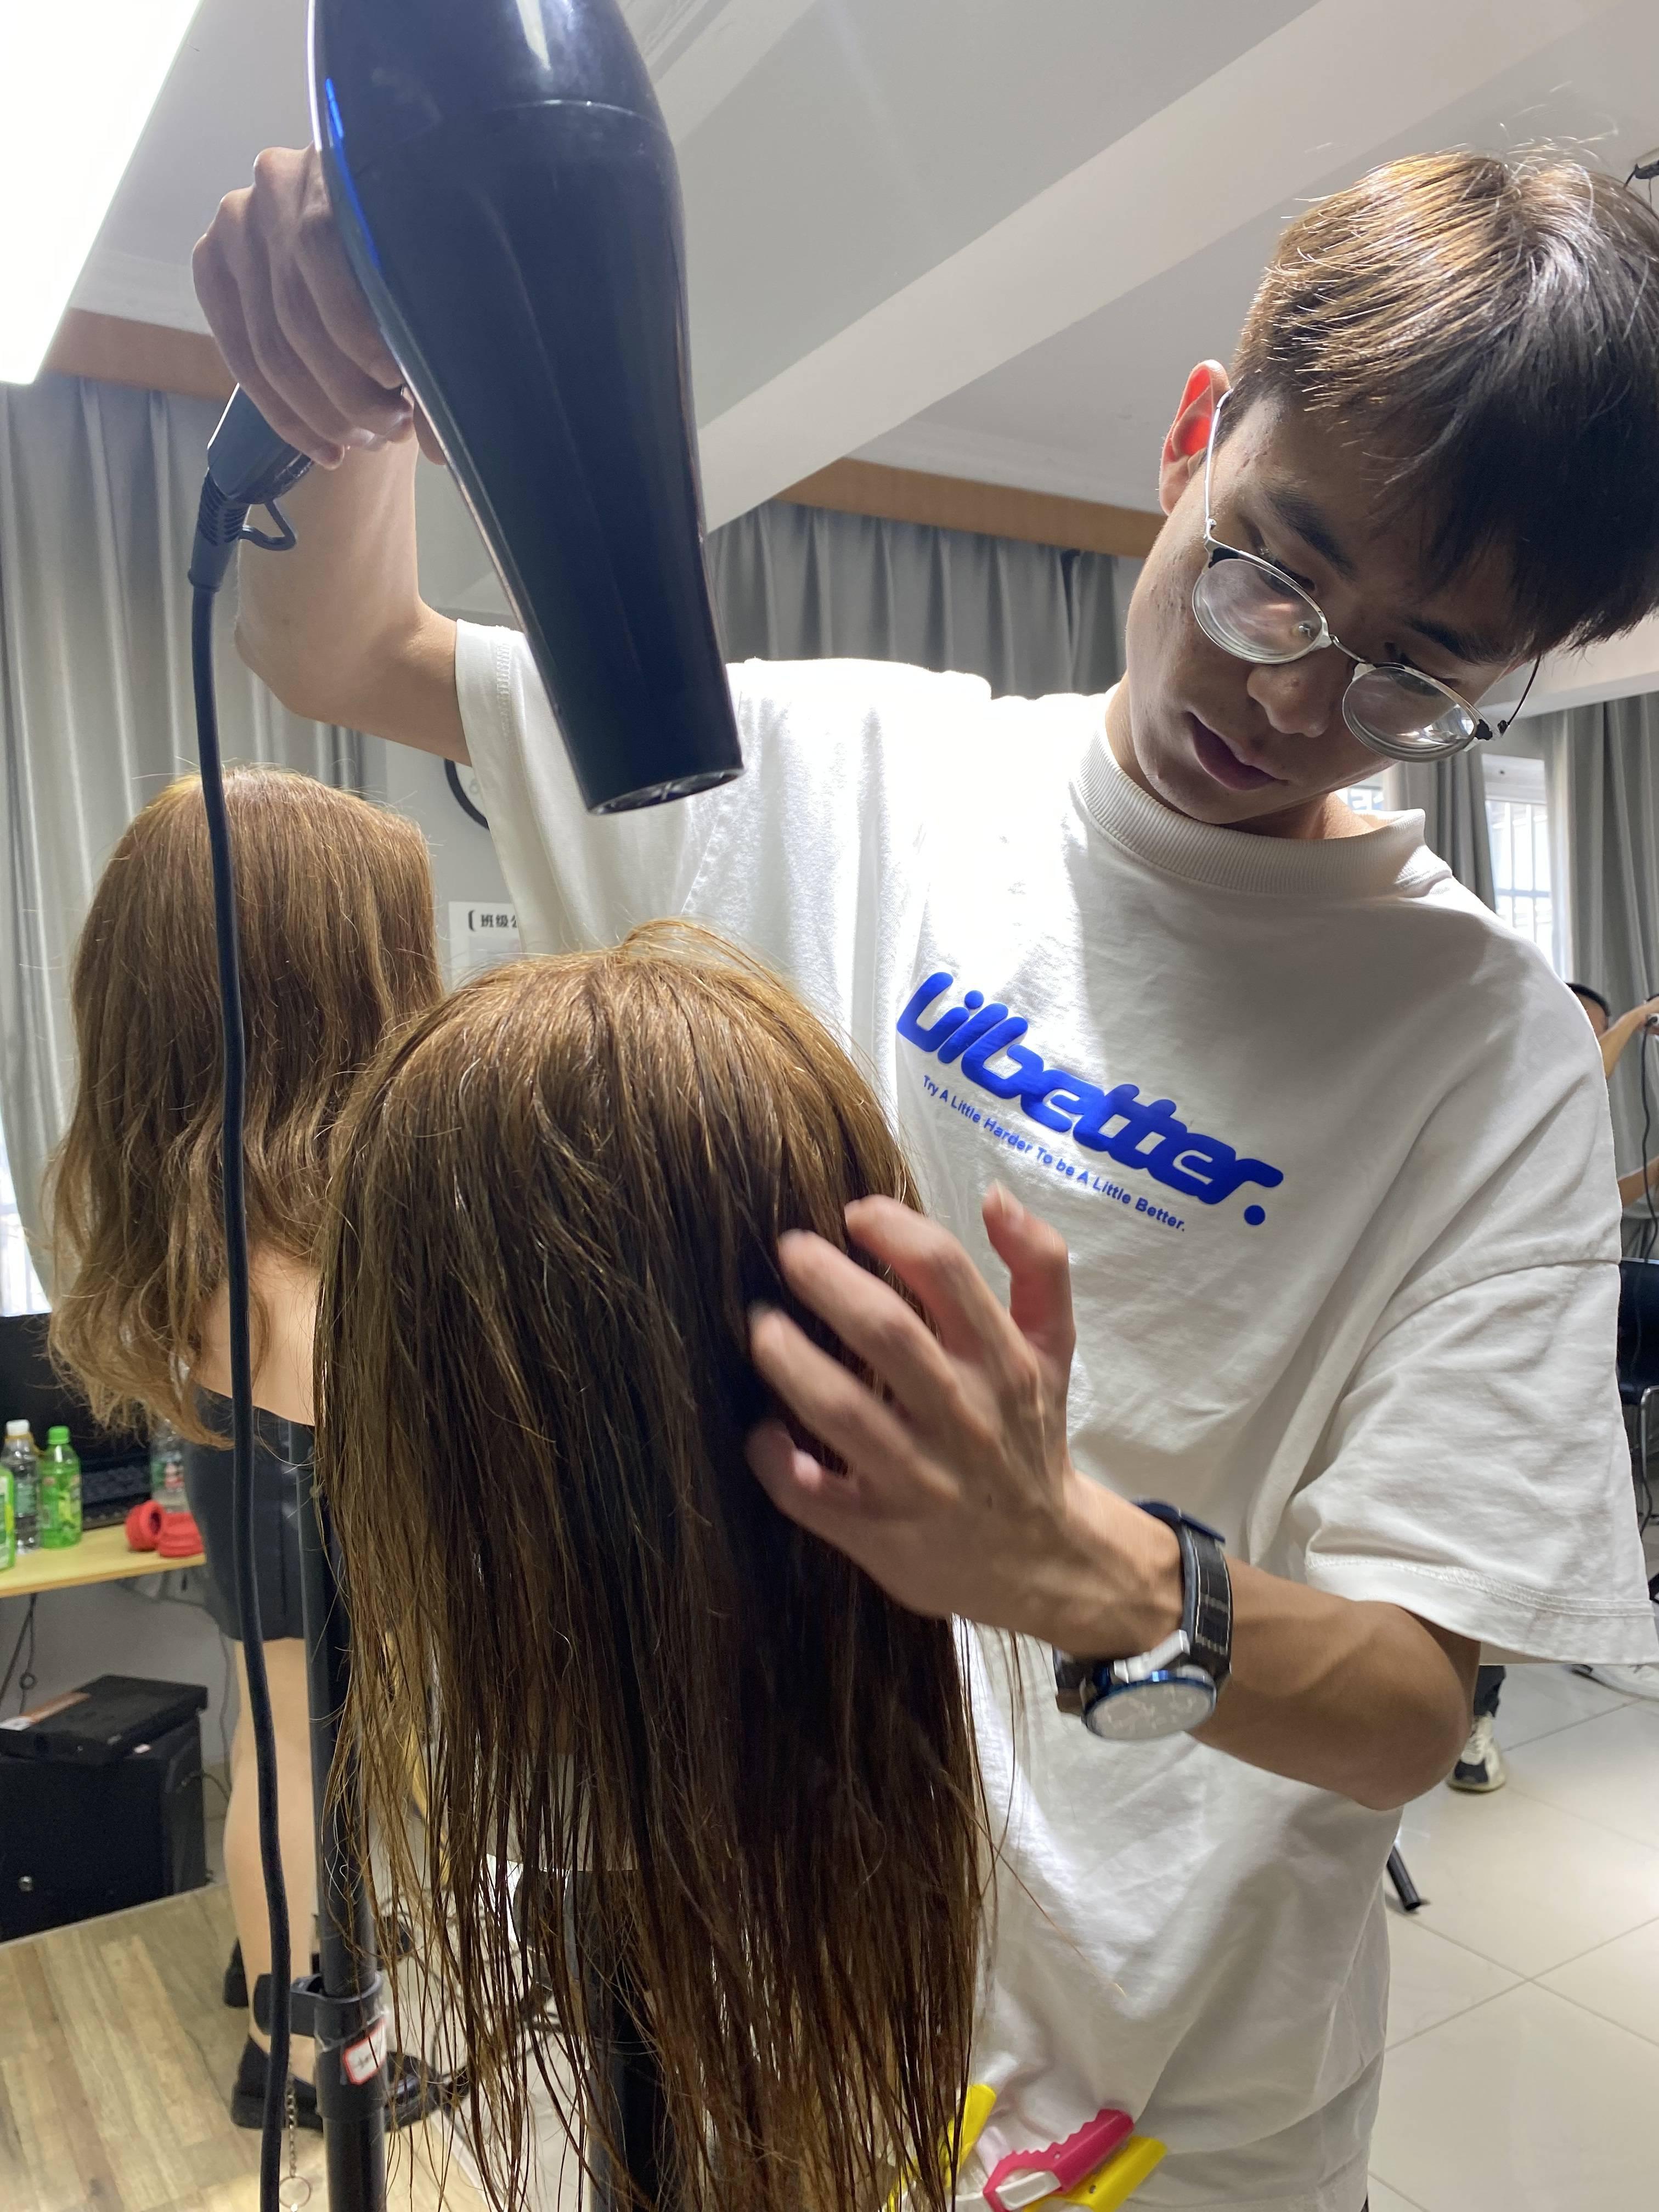 卷发吹直发,发尾毛的处理方法